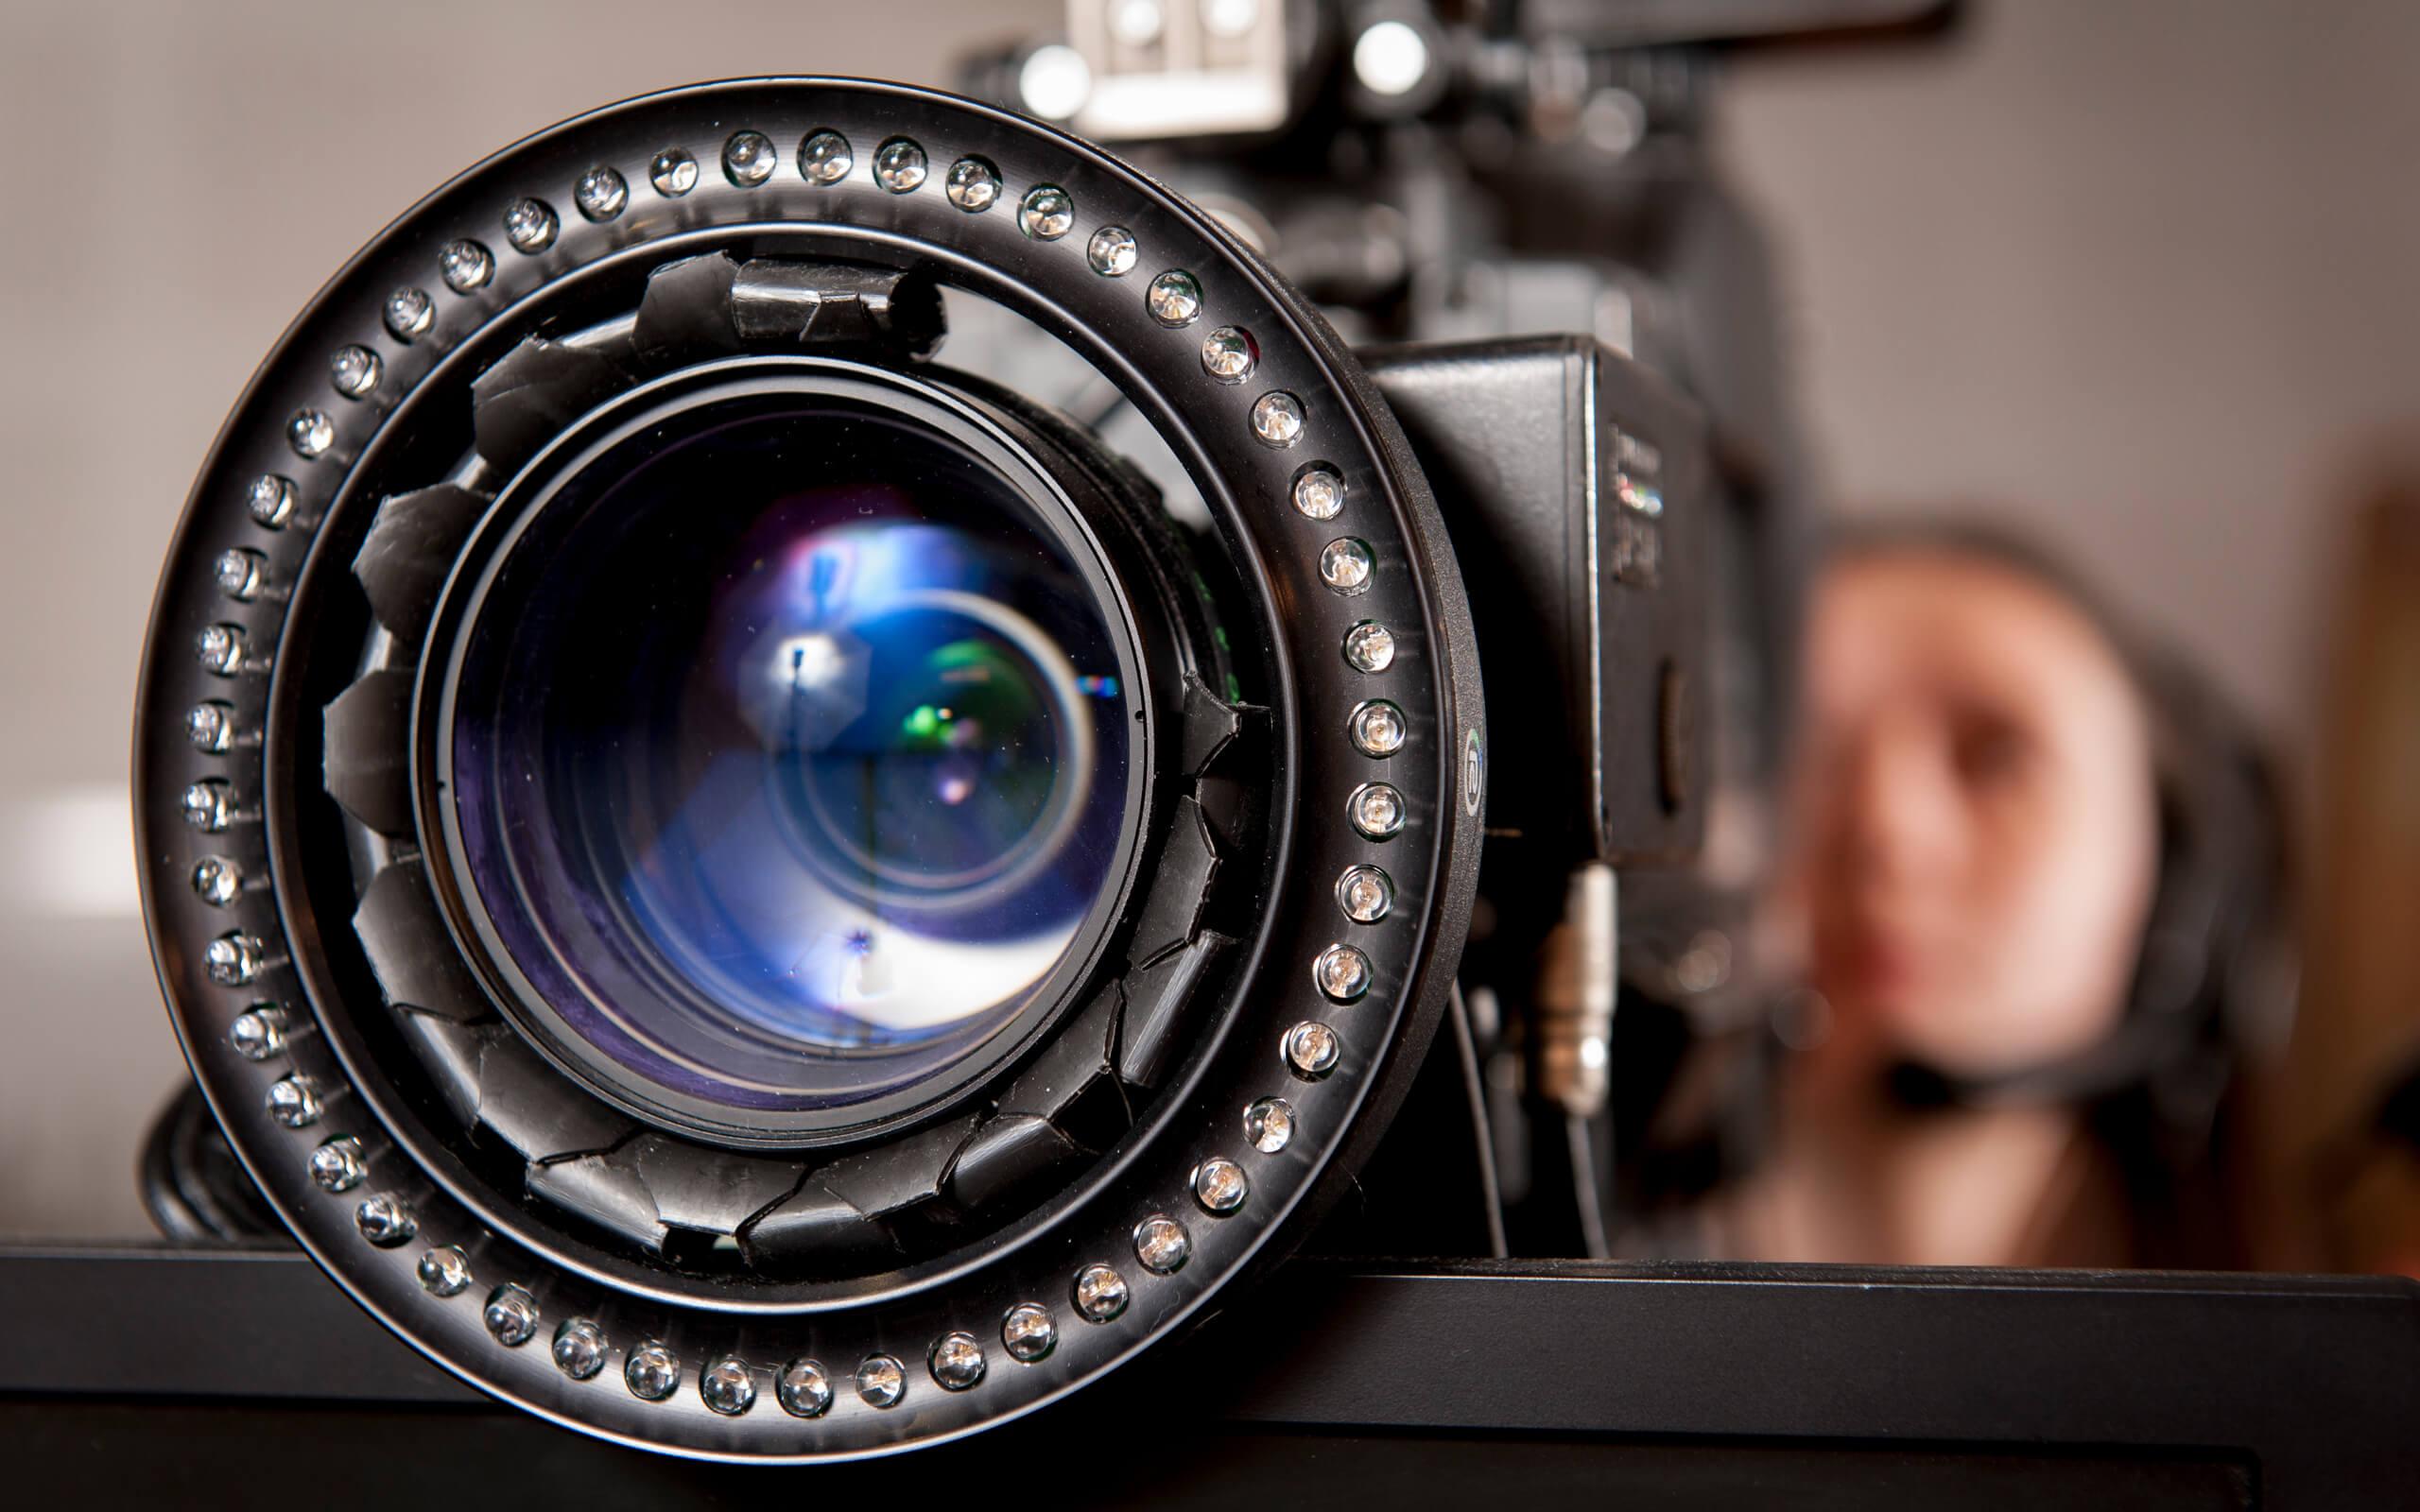 A close up shot of a camera